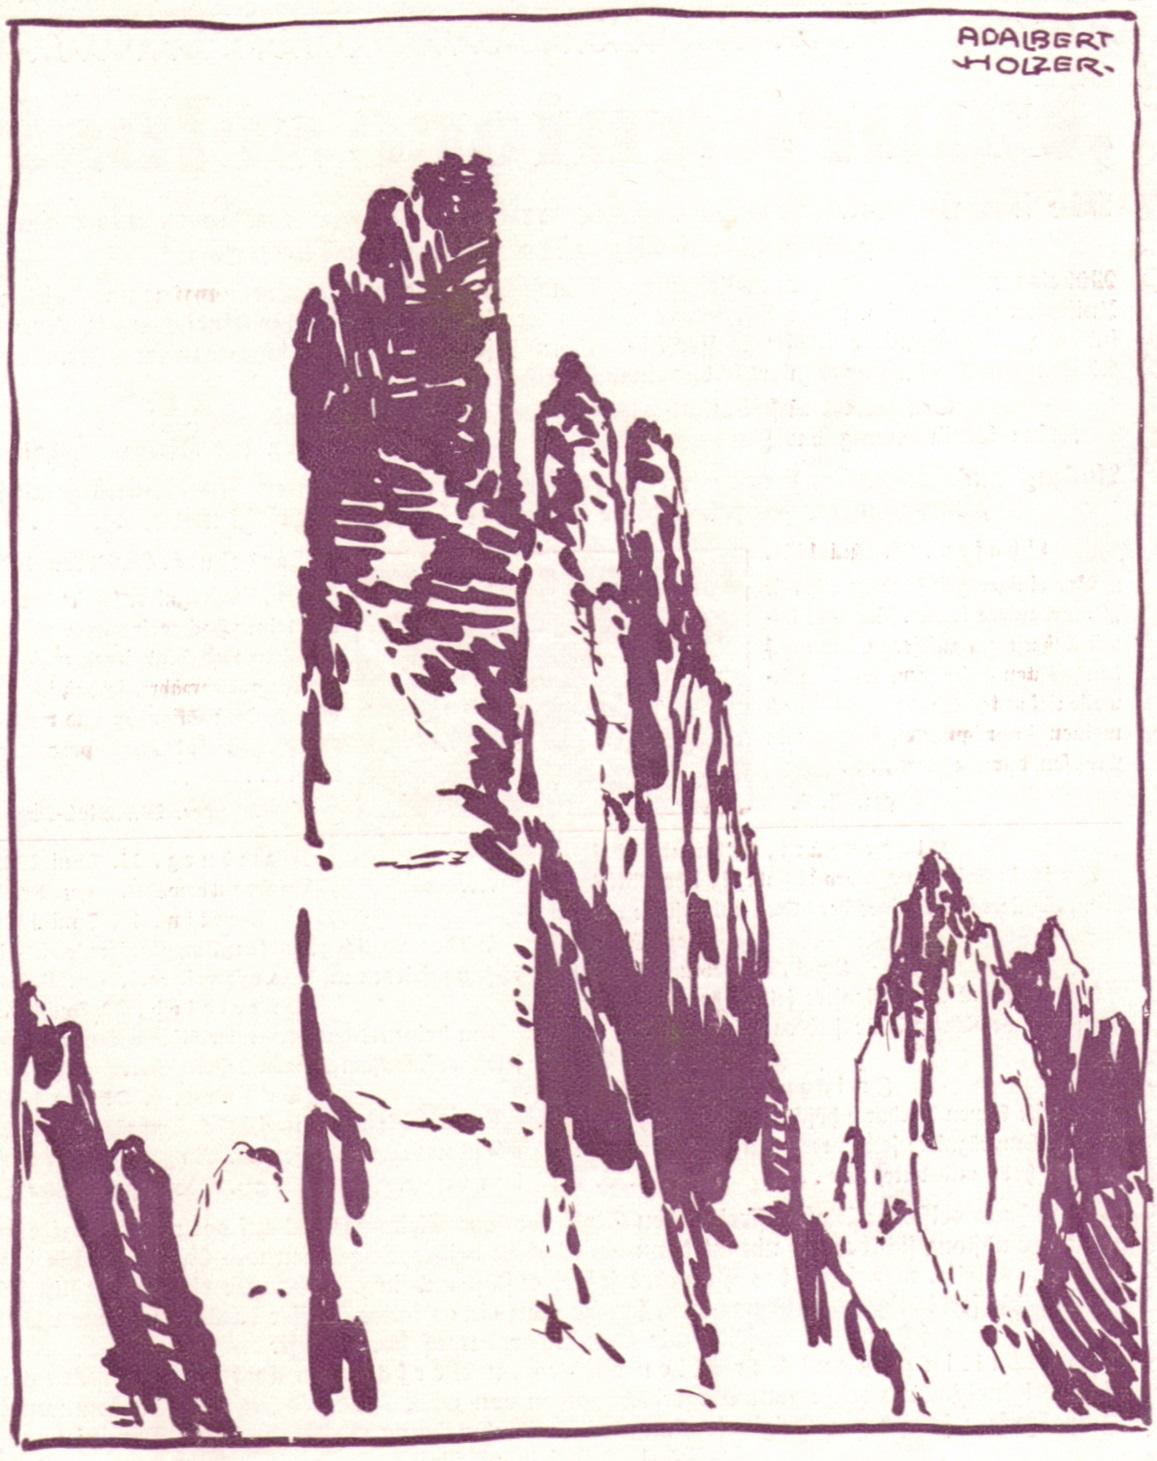 Adalbert Holzer - Dolomitentuerme um 1920p.jpg